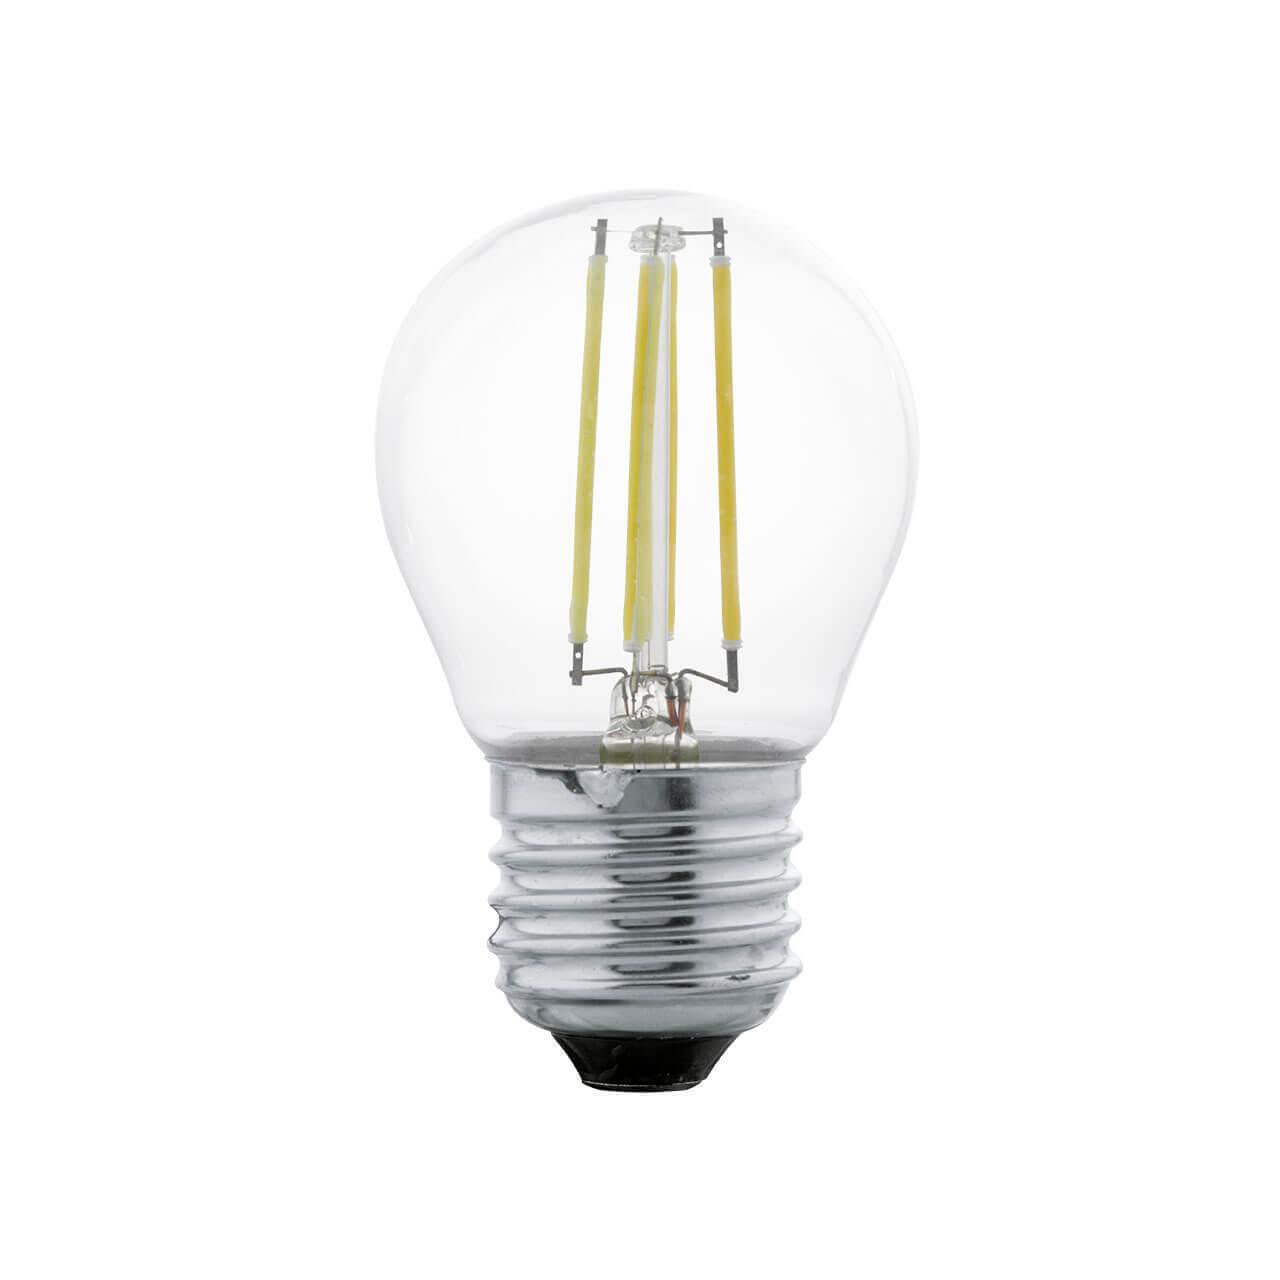 Лампа светодиодная филаментная Eglo E27 4W 2700К прозрачная 11498 лампа светодиодная [поставляется по 10 штук] eglo лампа светодиодная g45 e27 4вт 2700k 11498 [поставляется по 10 штук]